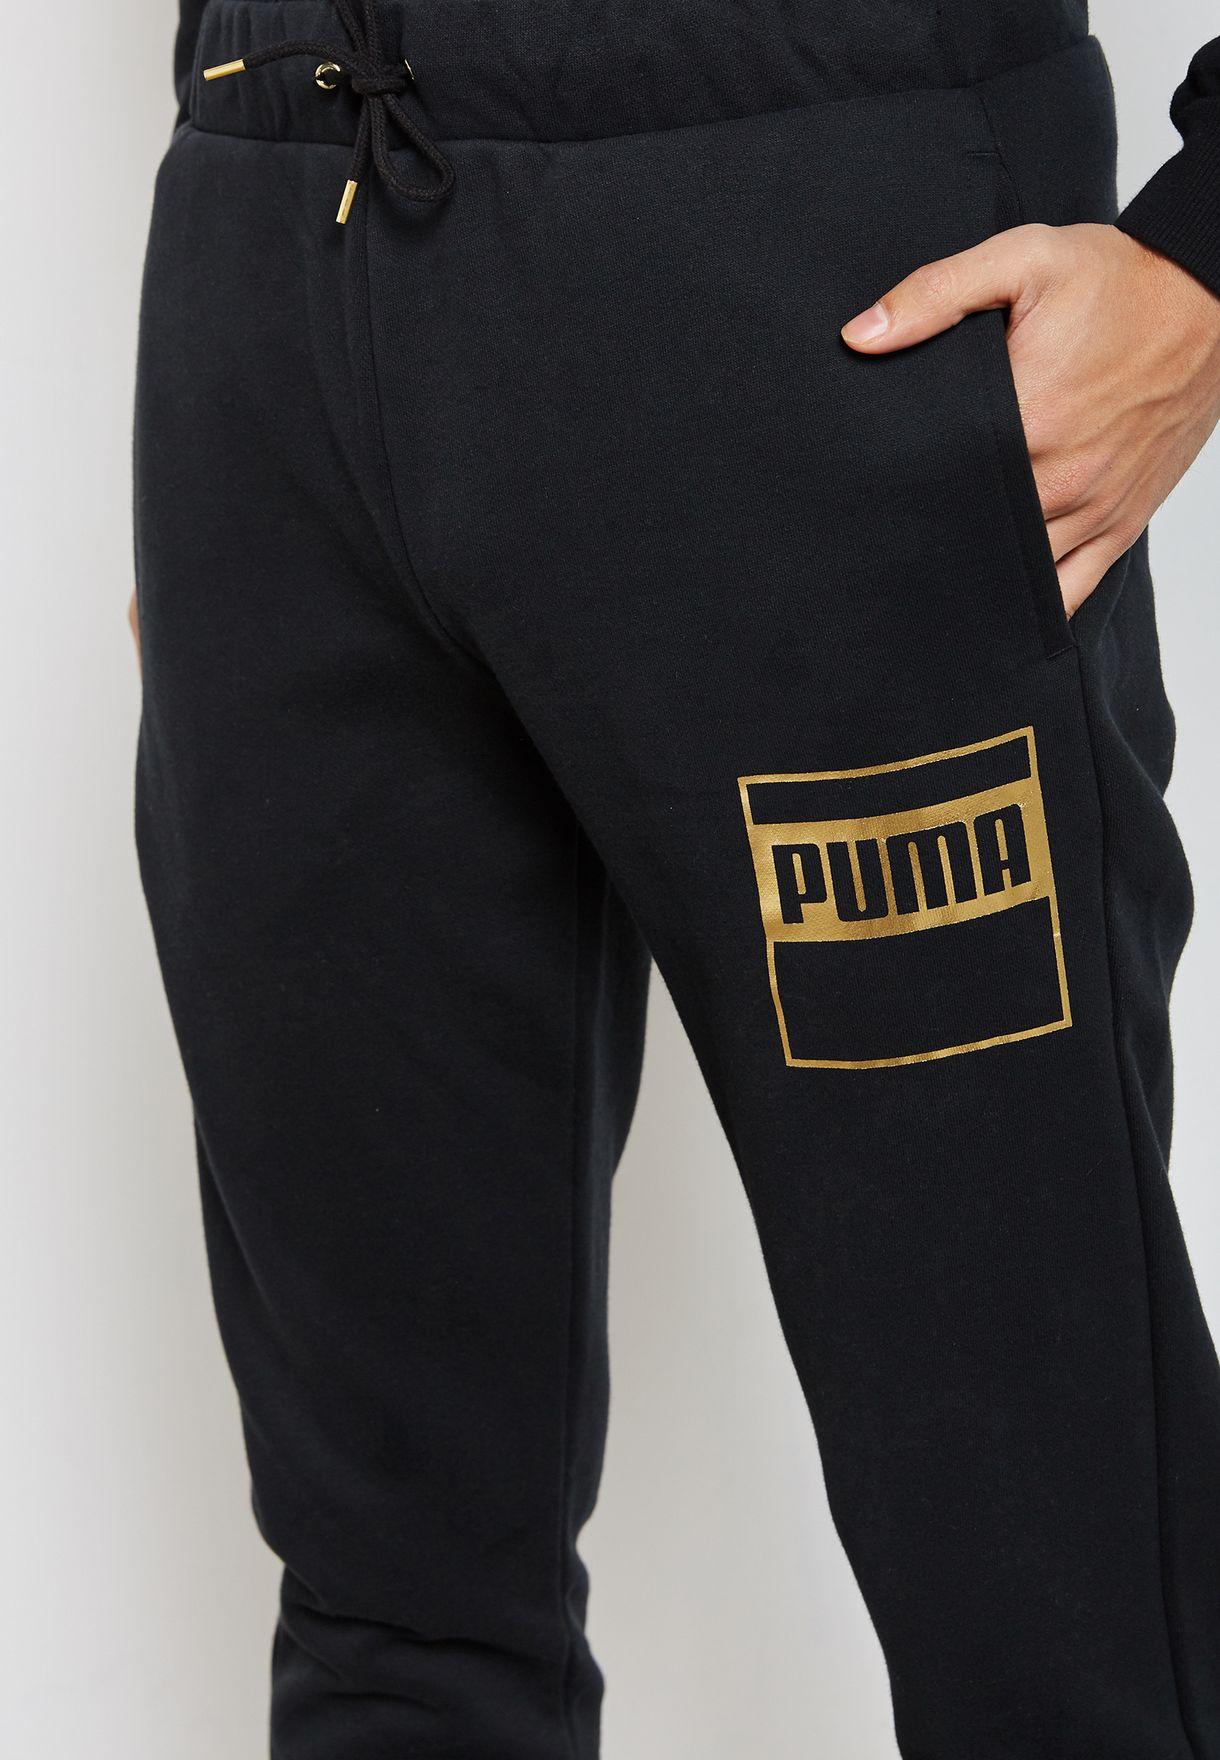 79bc12161fb0 Shop PUMA black Rebel Gold Sweatpants 85076201 for Men in Saudi ...